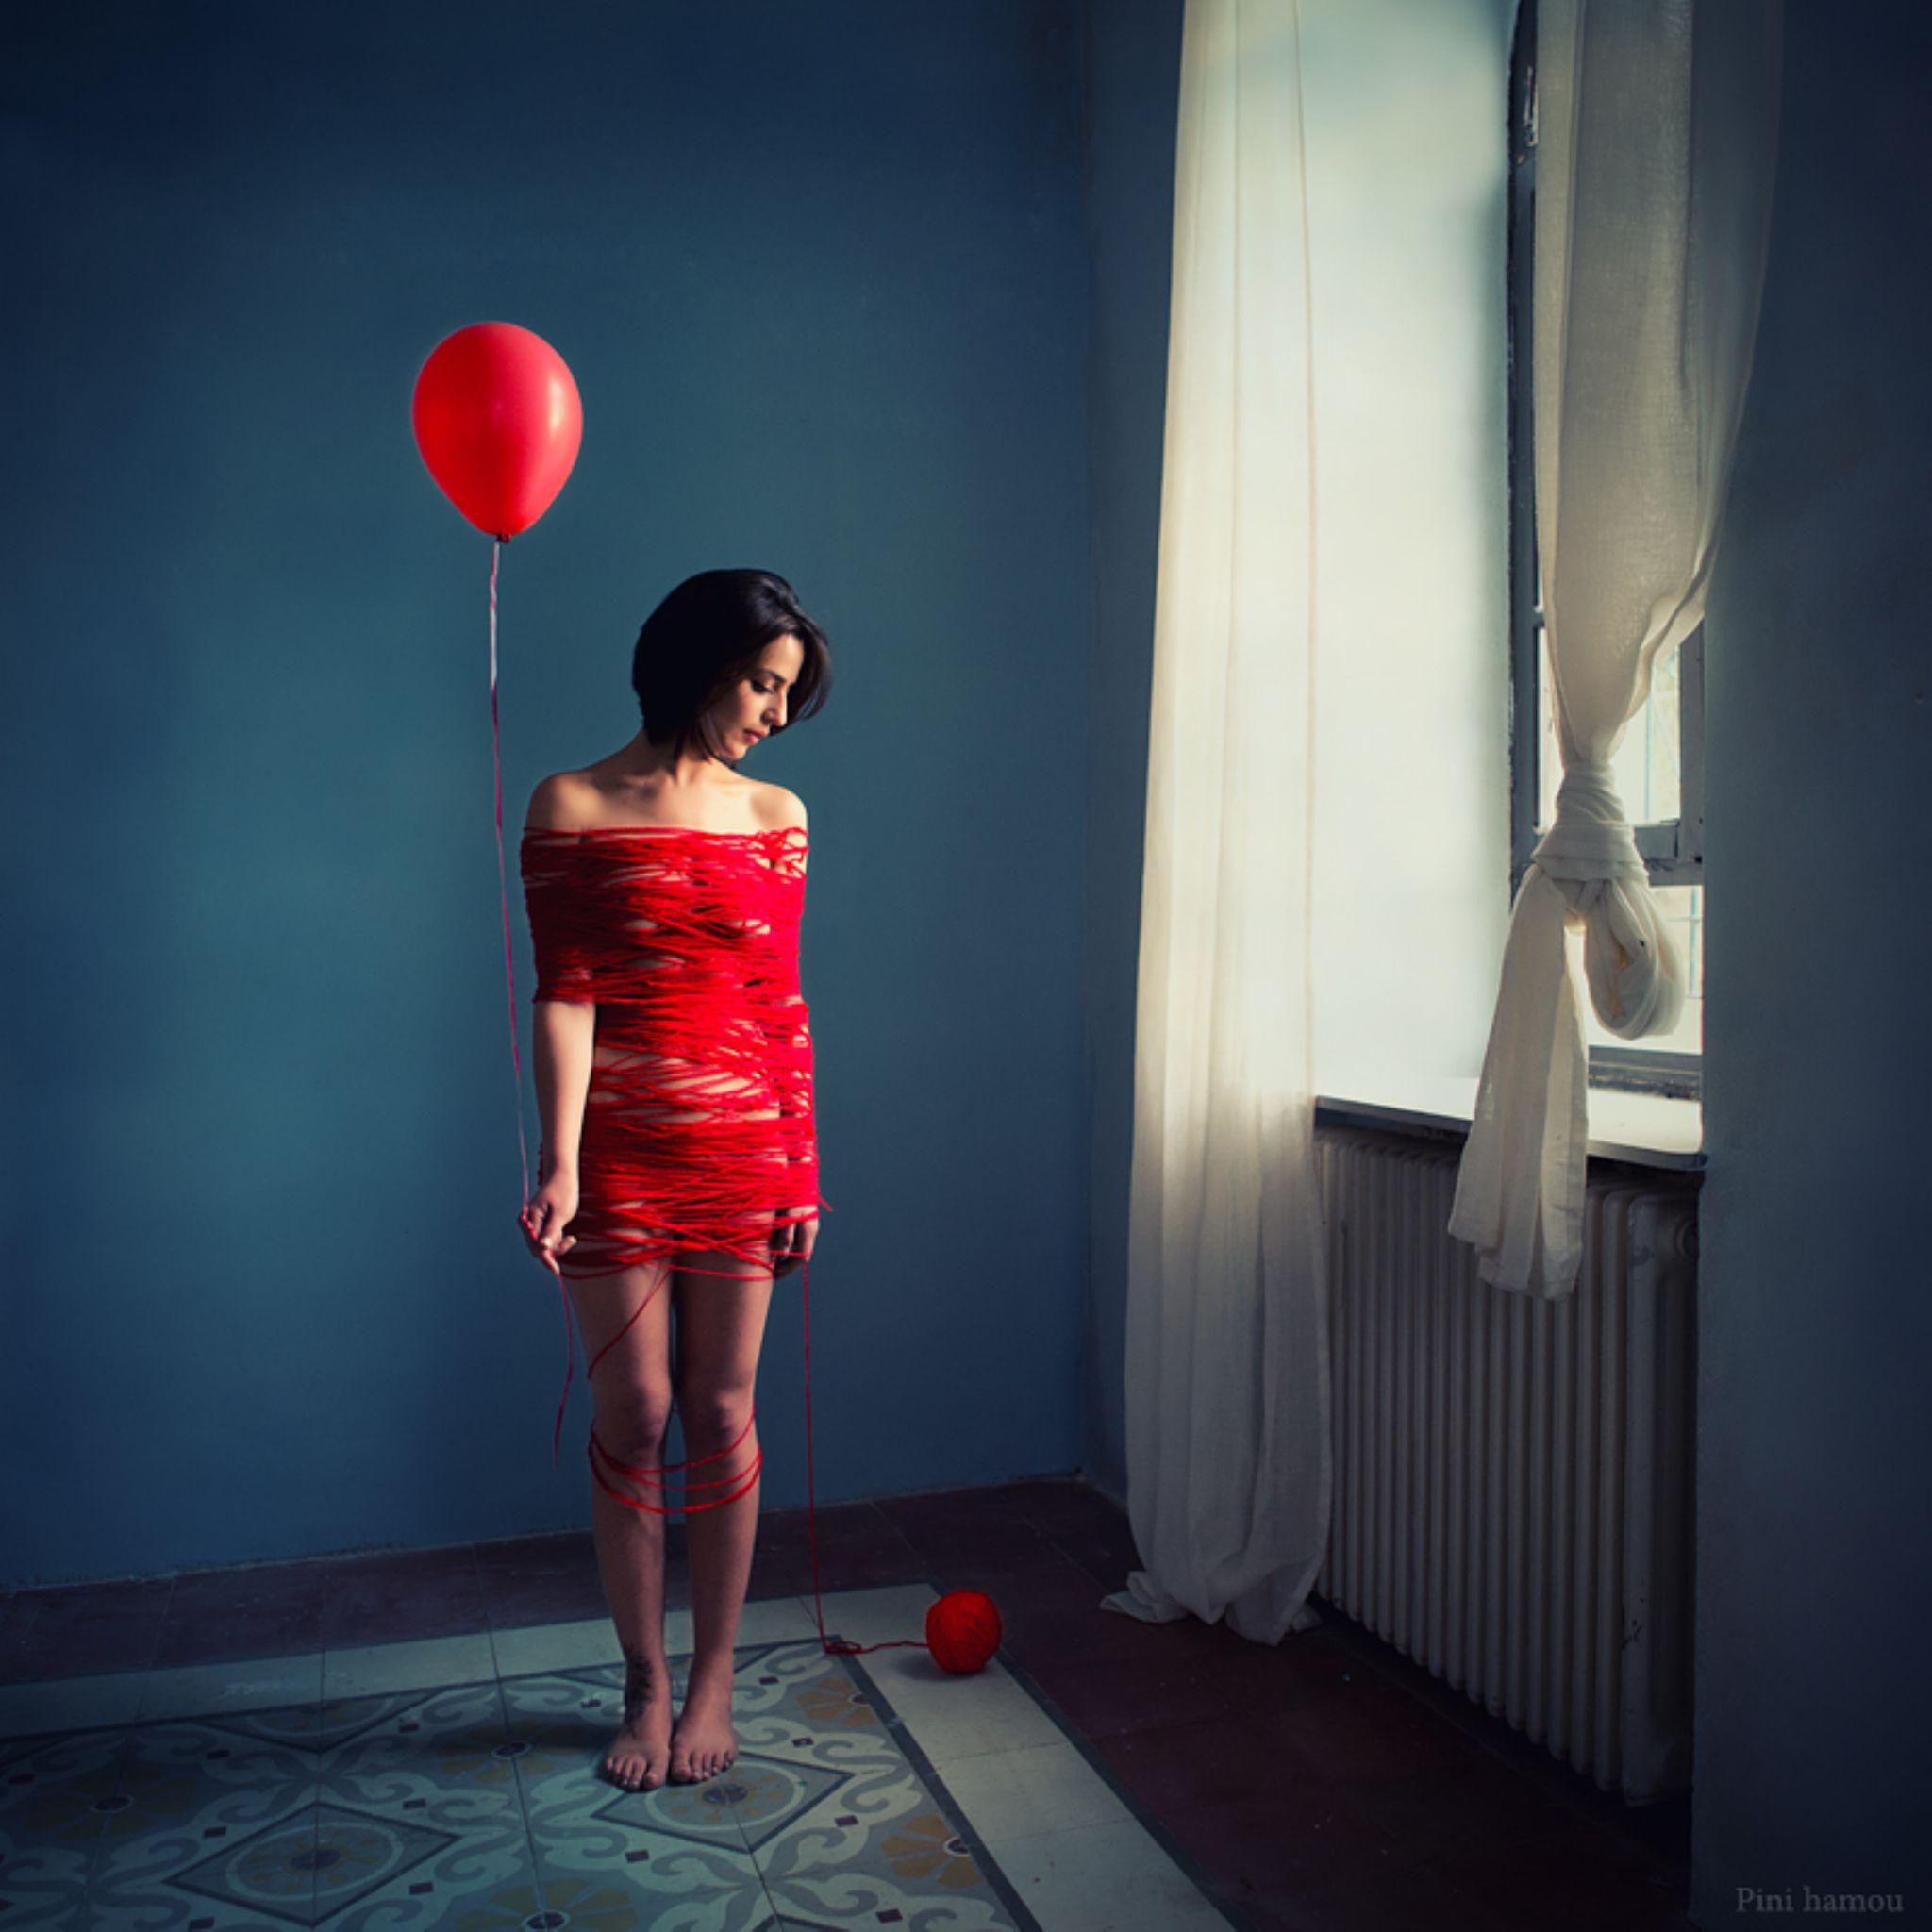 ****** by Pini Hamou